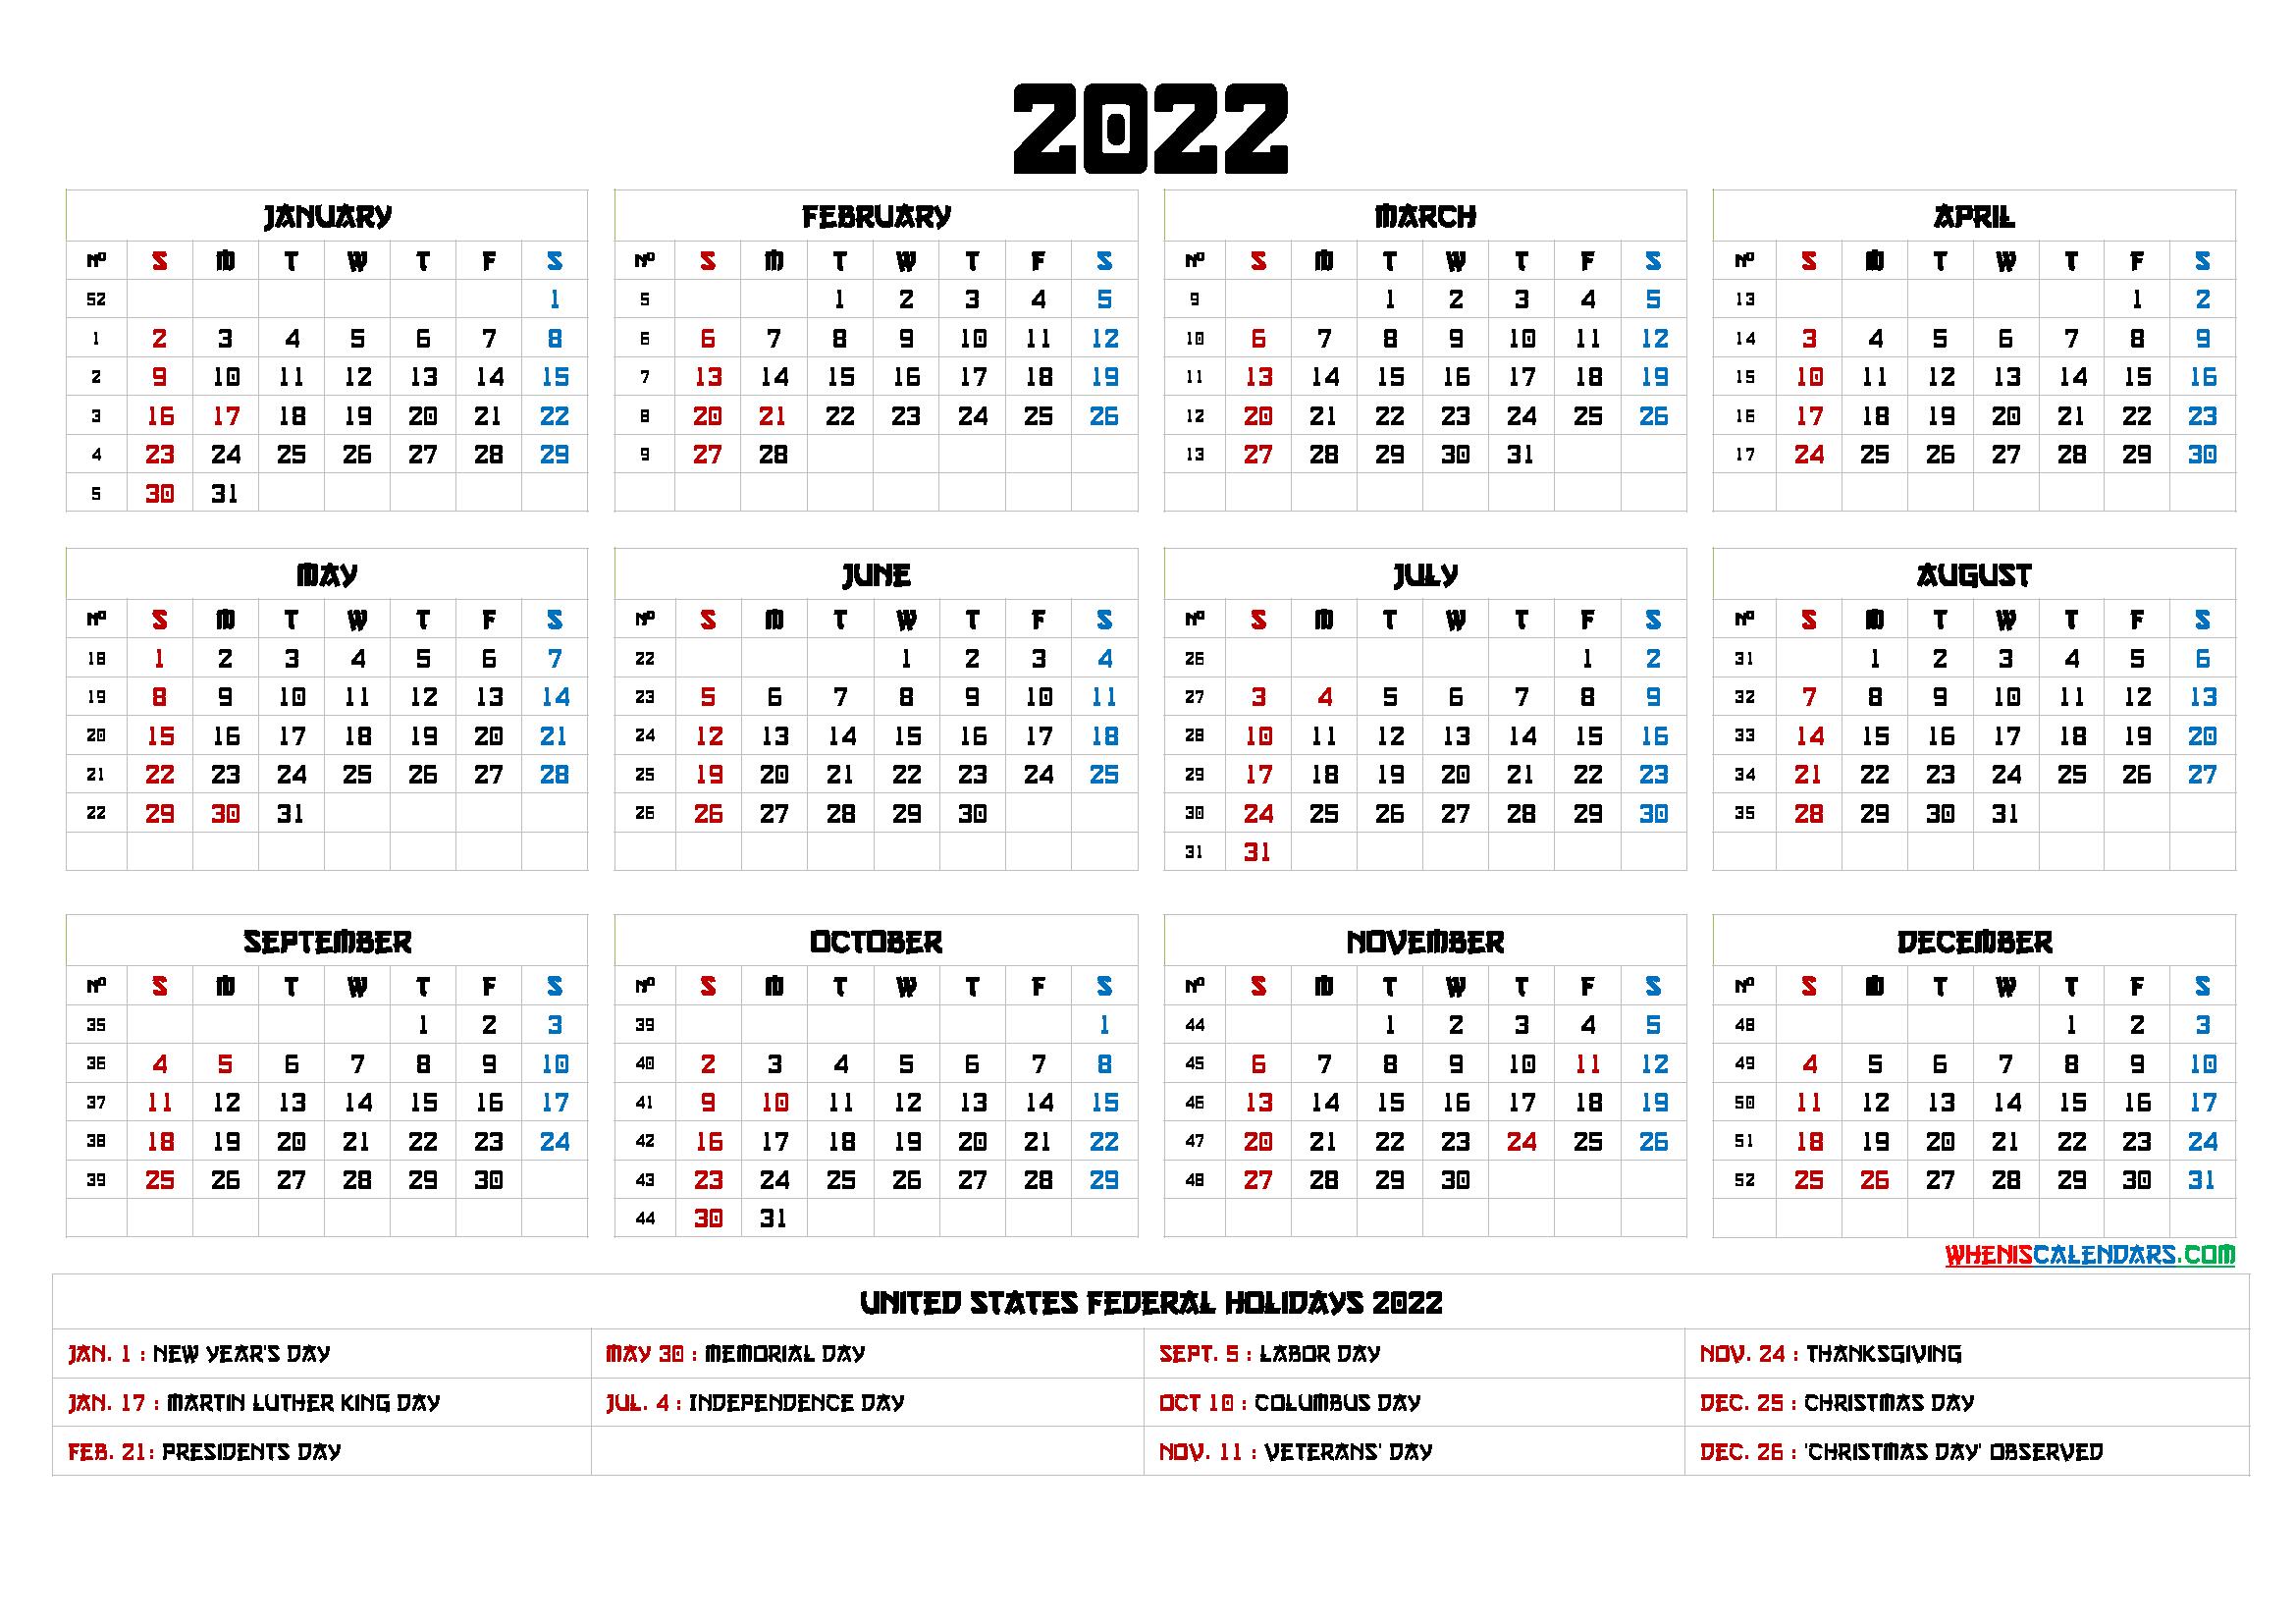 Full 2022 Calendar.2022 Calendar Wallpapers Top Free 2022 Calendar Backgrounds Wallpaperaccess